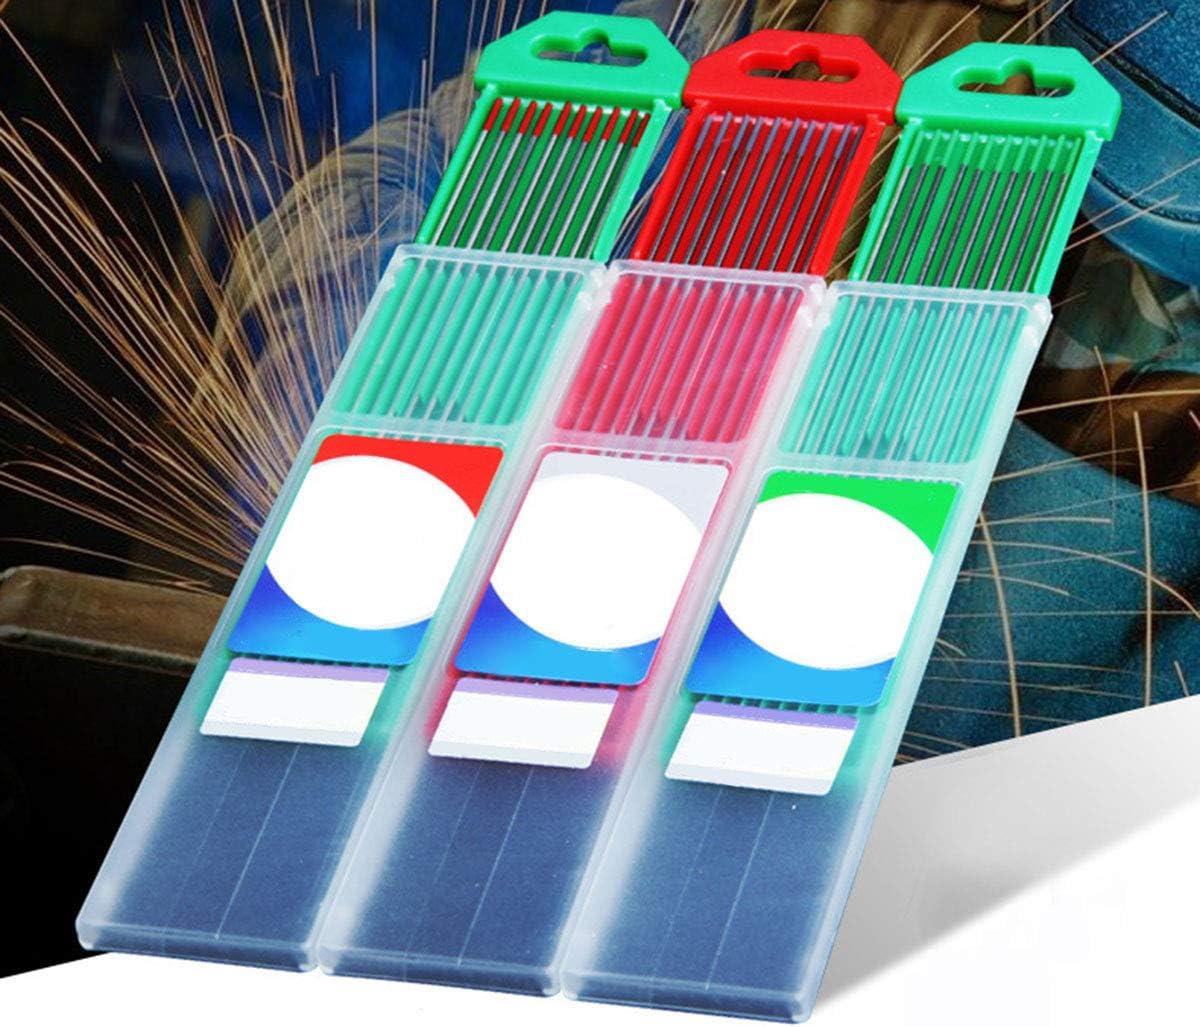 rouge, gris, vert Nosii TIG Soudure /électrodes de tungst/ène 10 tiges de soudure